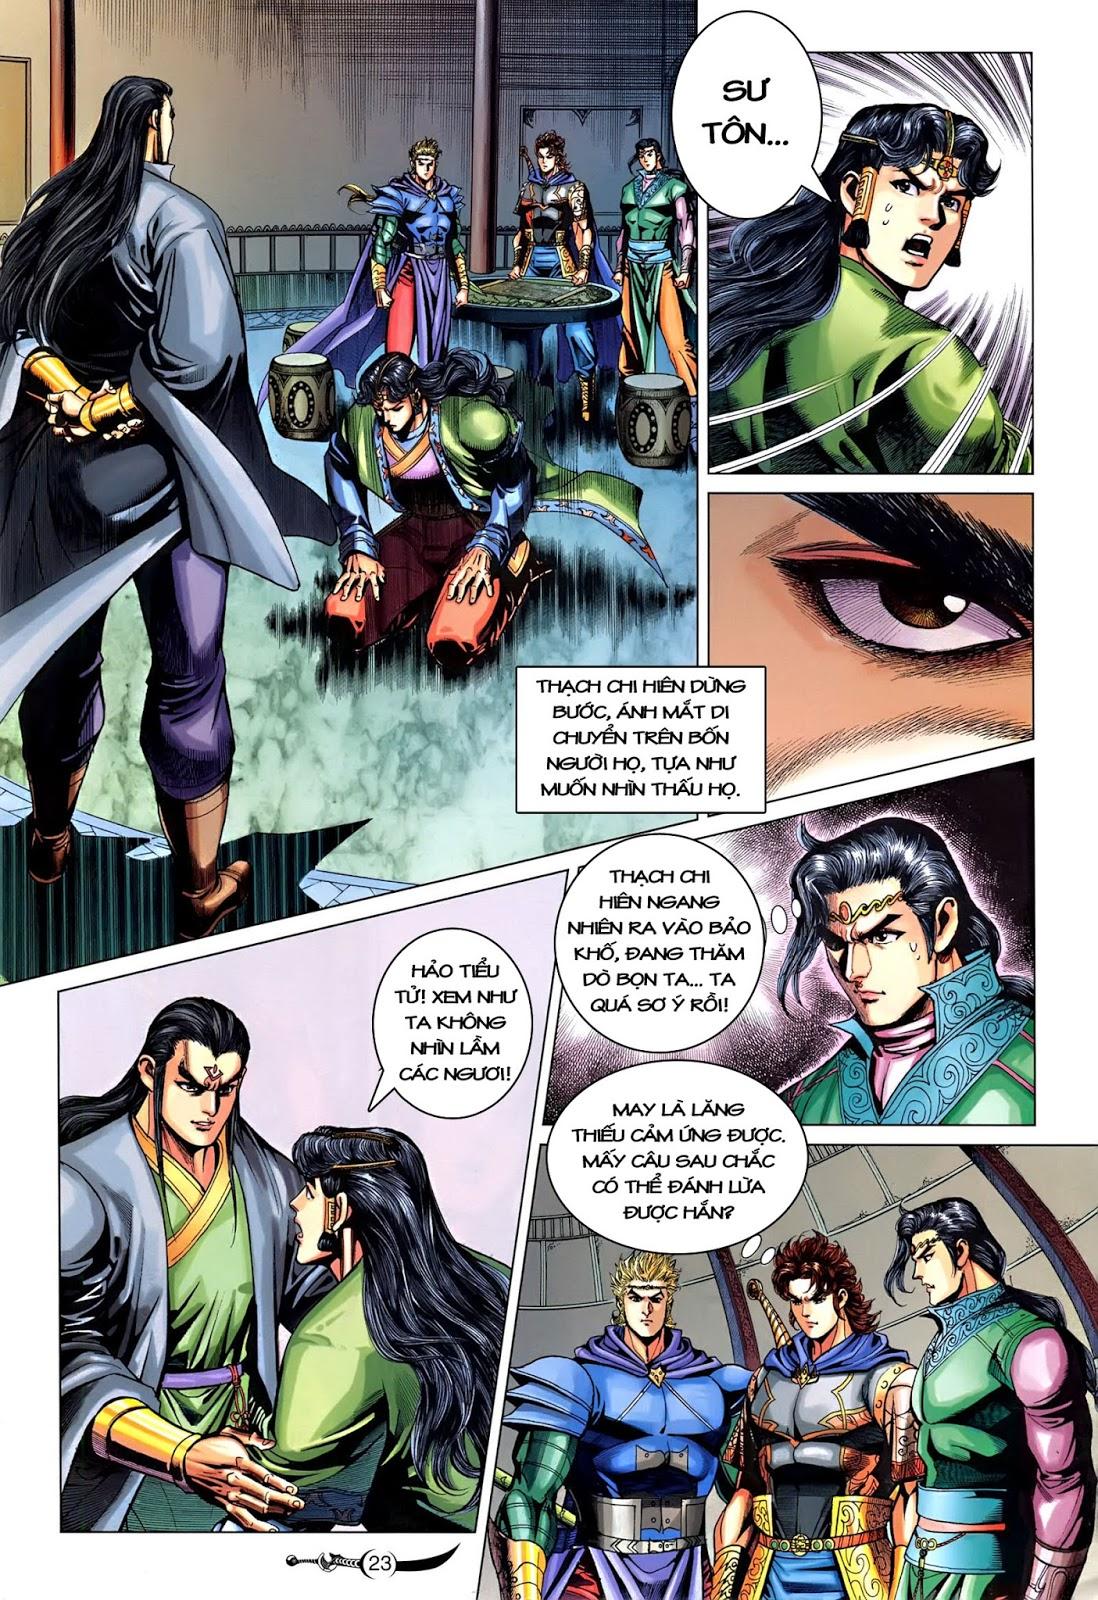 Đại Đường Song Long Truyện chap 216 - Trang 25